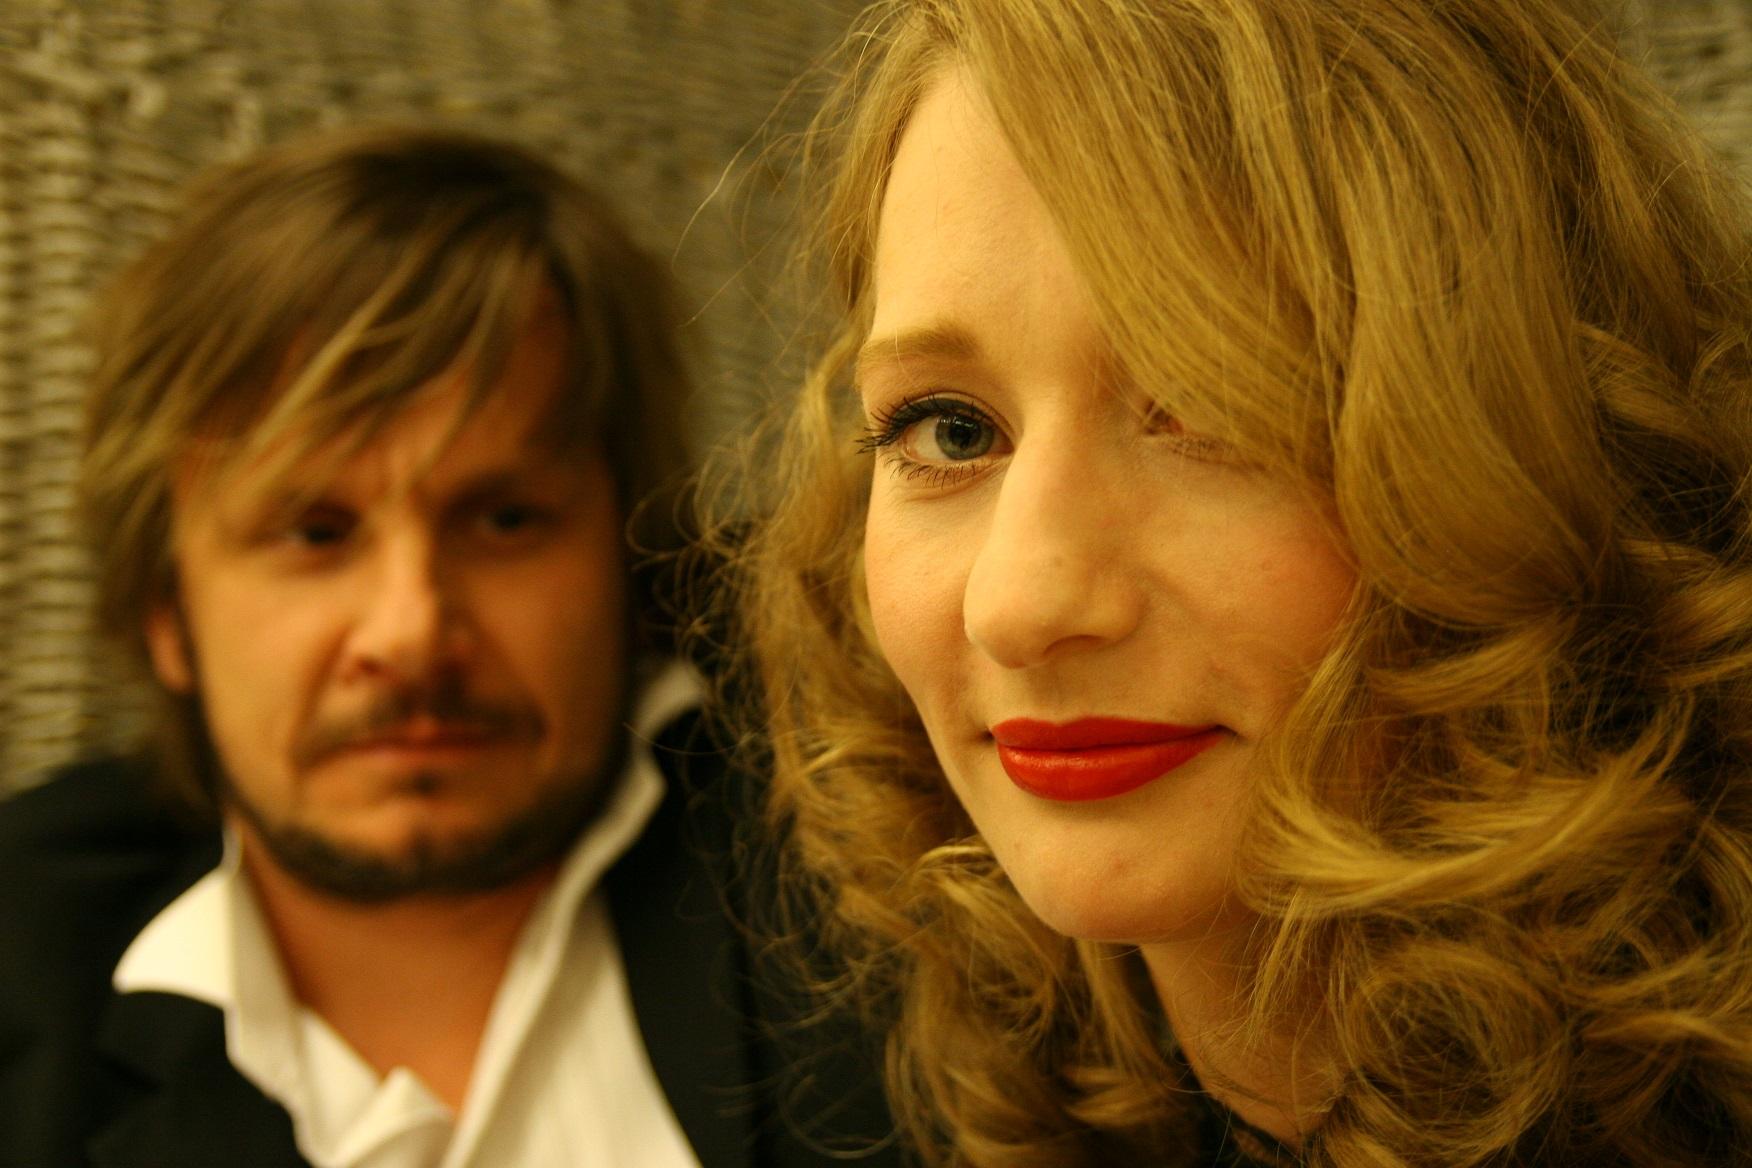 Prosta historia o miłości – w piątek 25 grudnia w ITVN